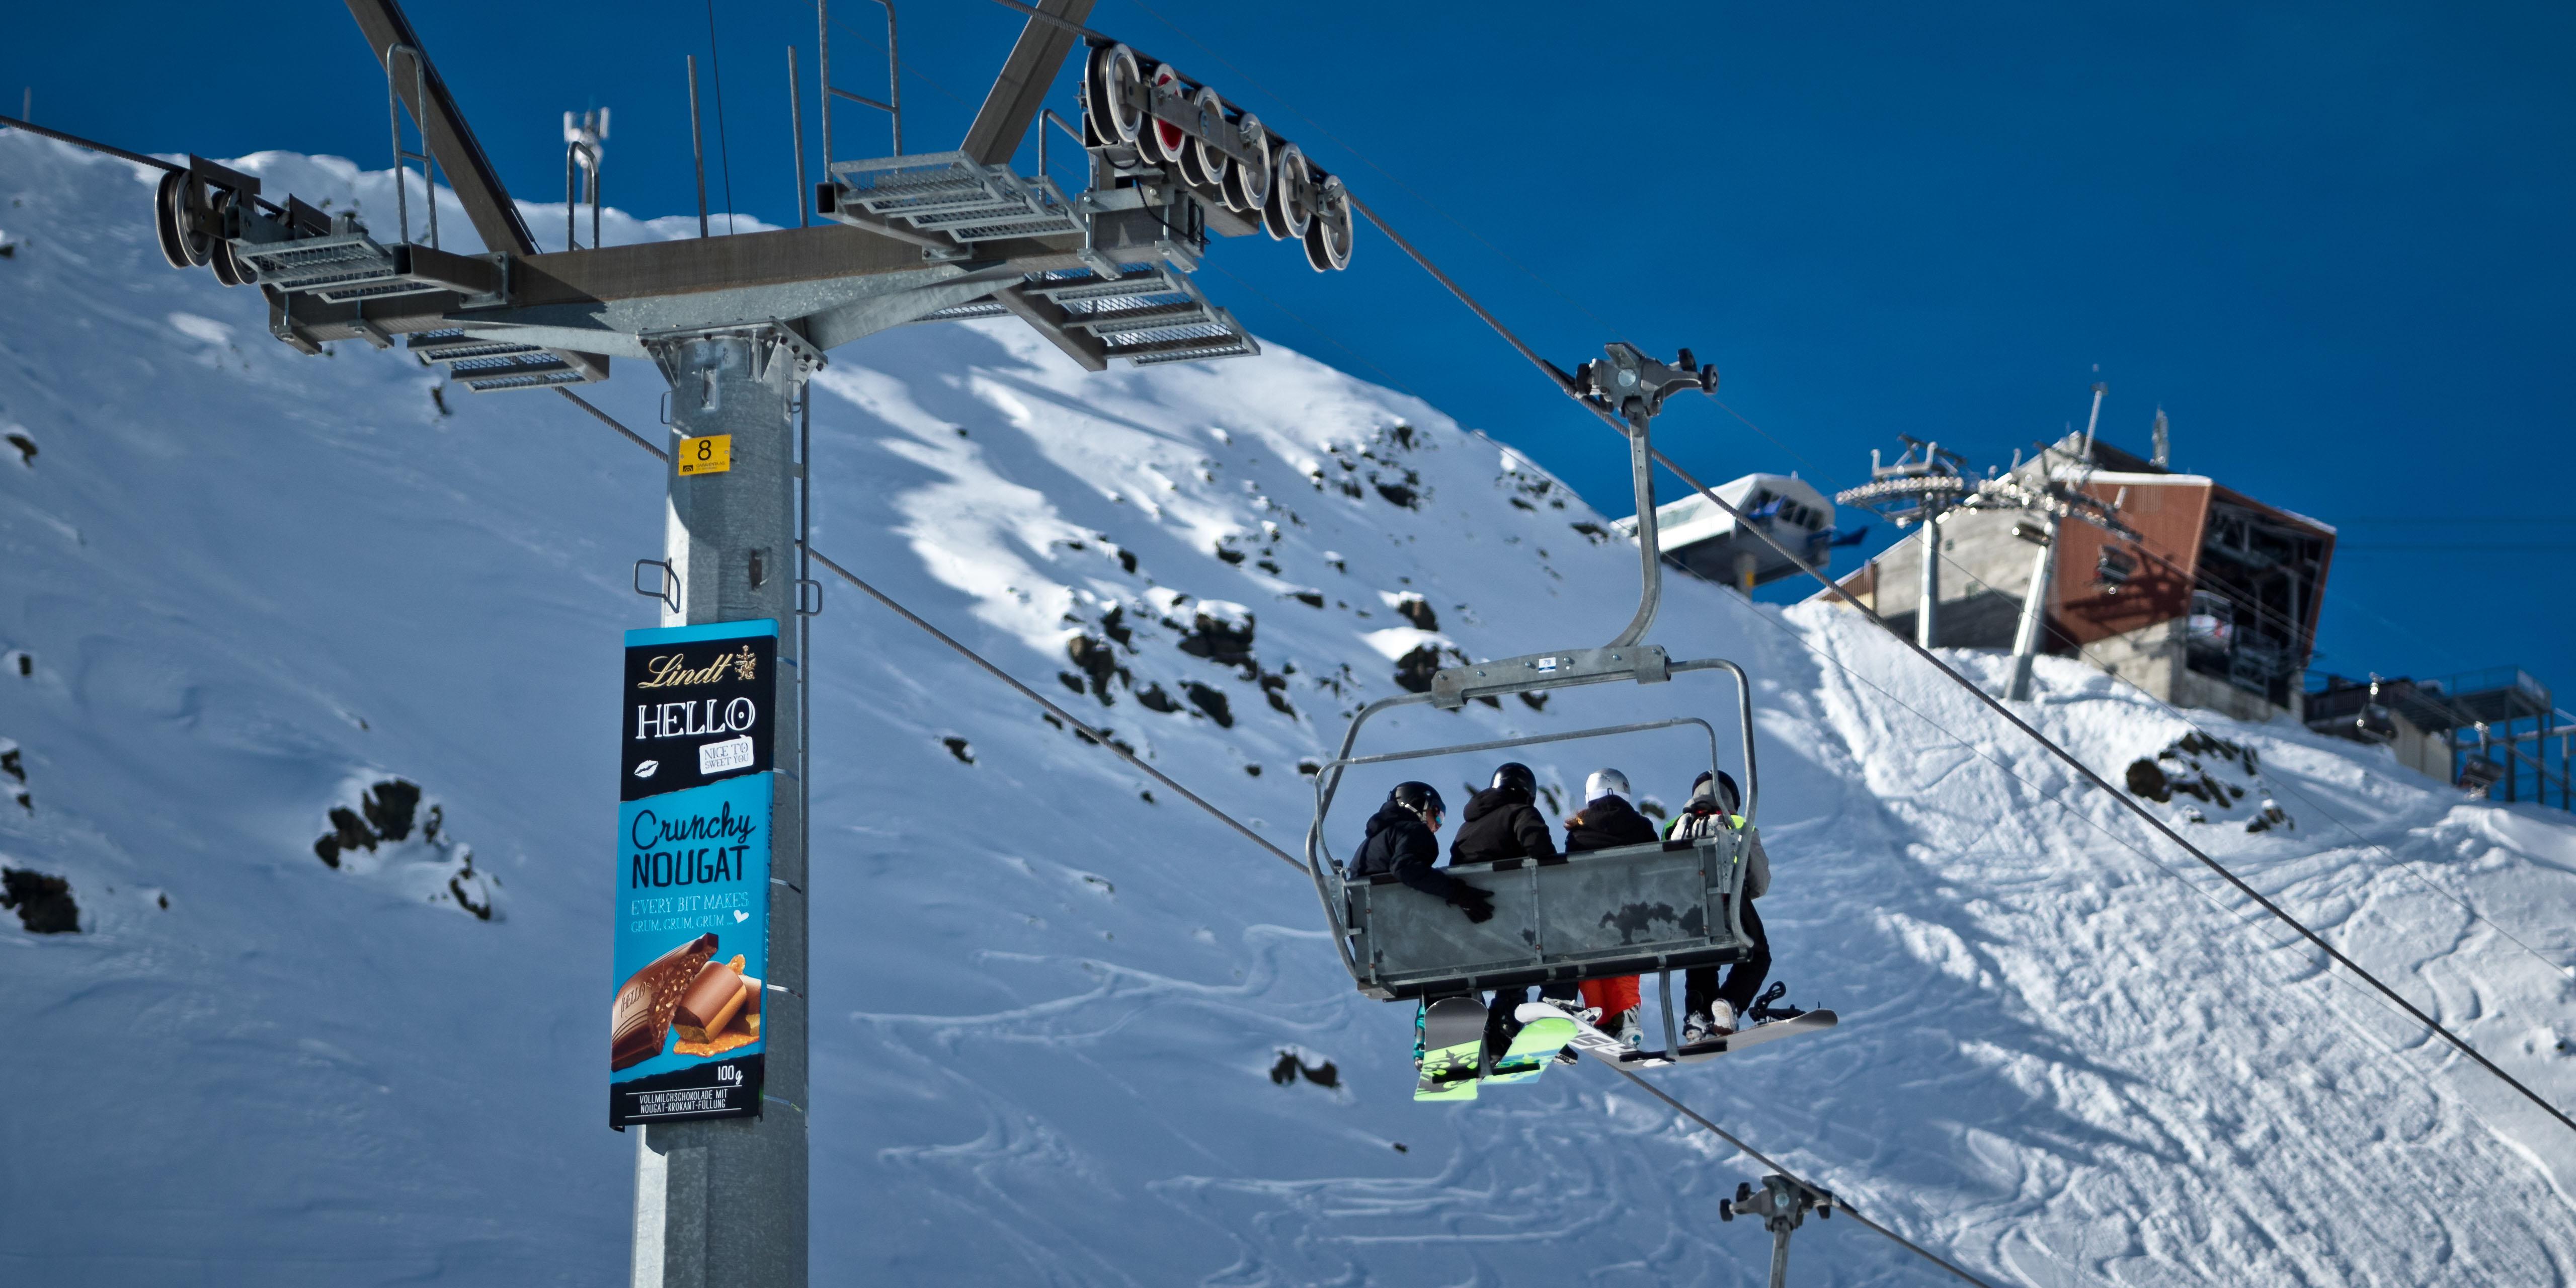 Lindt Sprungli - Davos - Alpdest